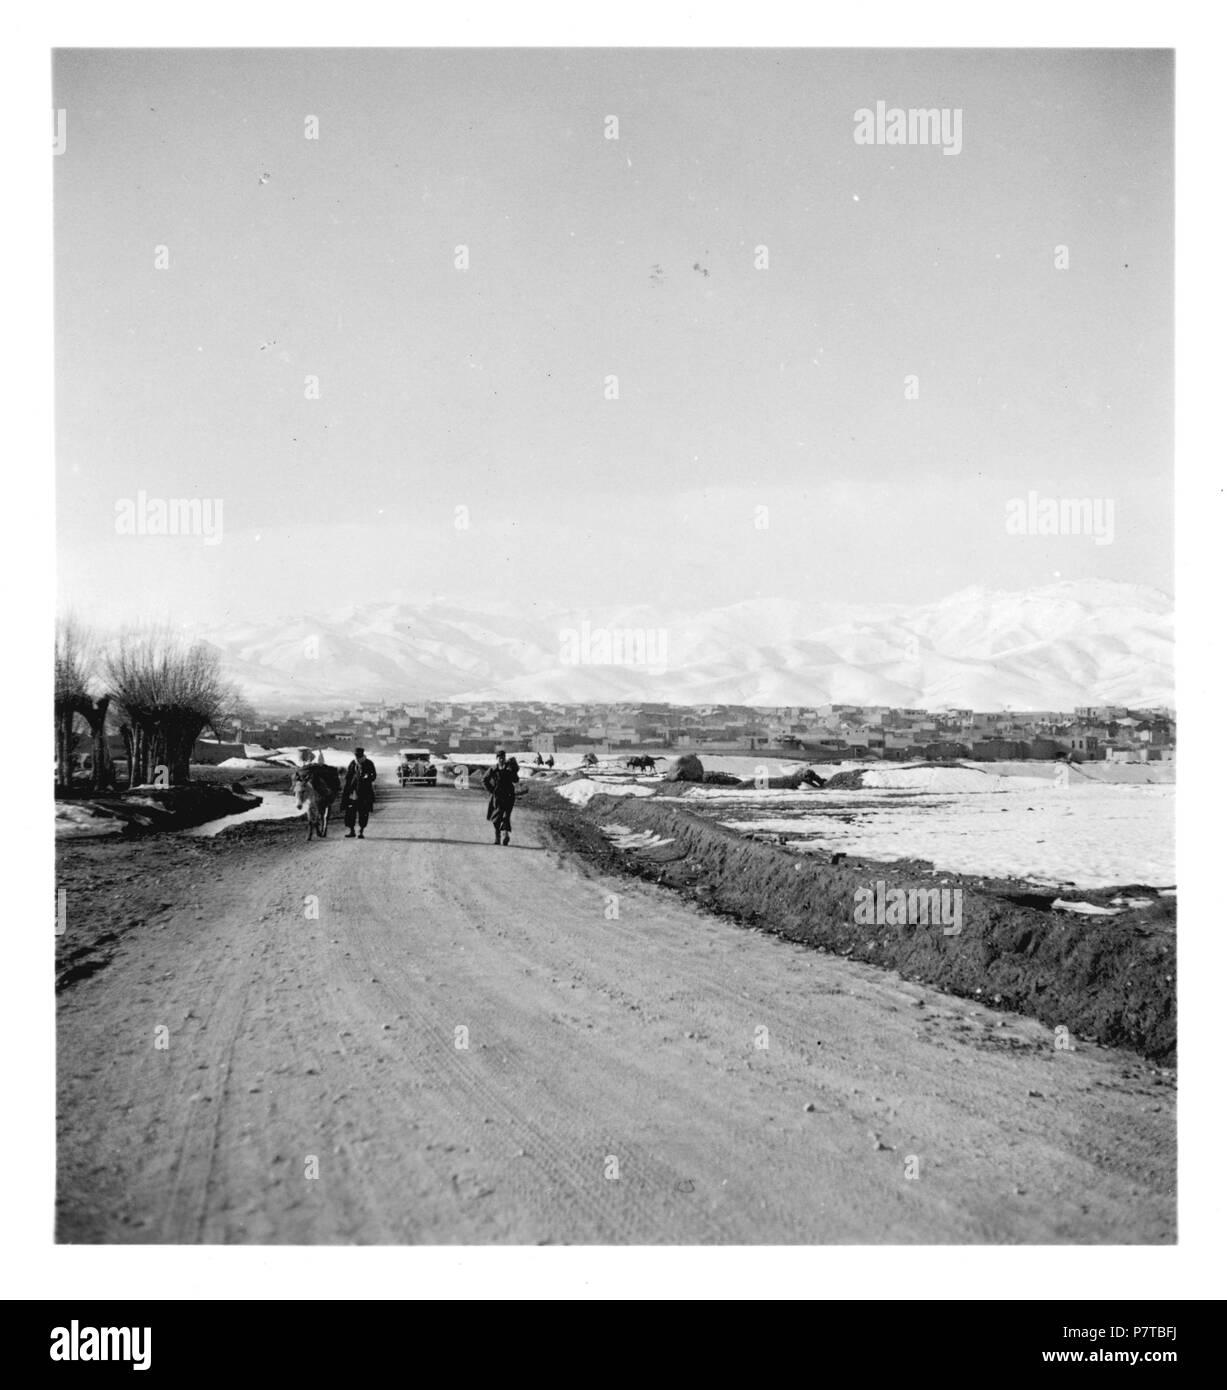 Persien, Hamadan: Landschaft; Strasse, im Hintergrund schneebedeckte Berge. from 1933 until 1934 77 CH-NB - Persien, Hamadan- Landschaft - Annemarie Schwarzenbach - SLA-Schwarzenbach-A-5-04-028 - Stock Image